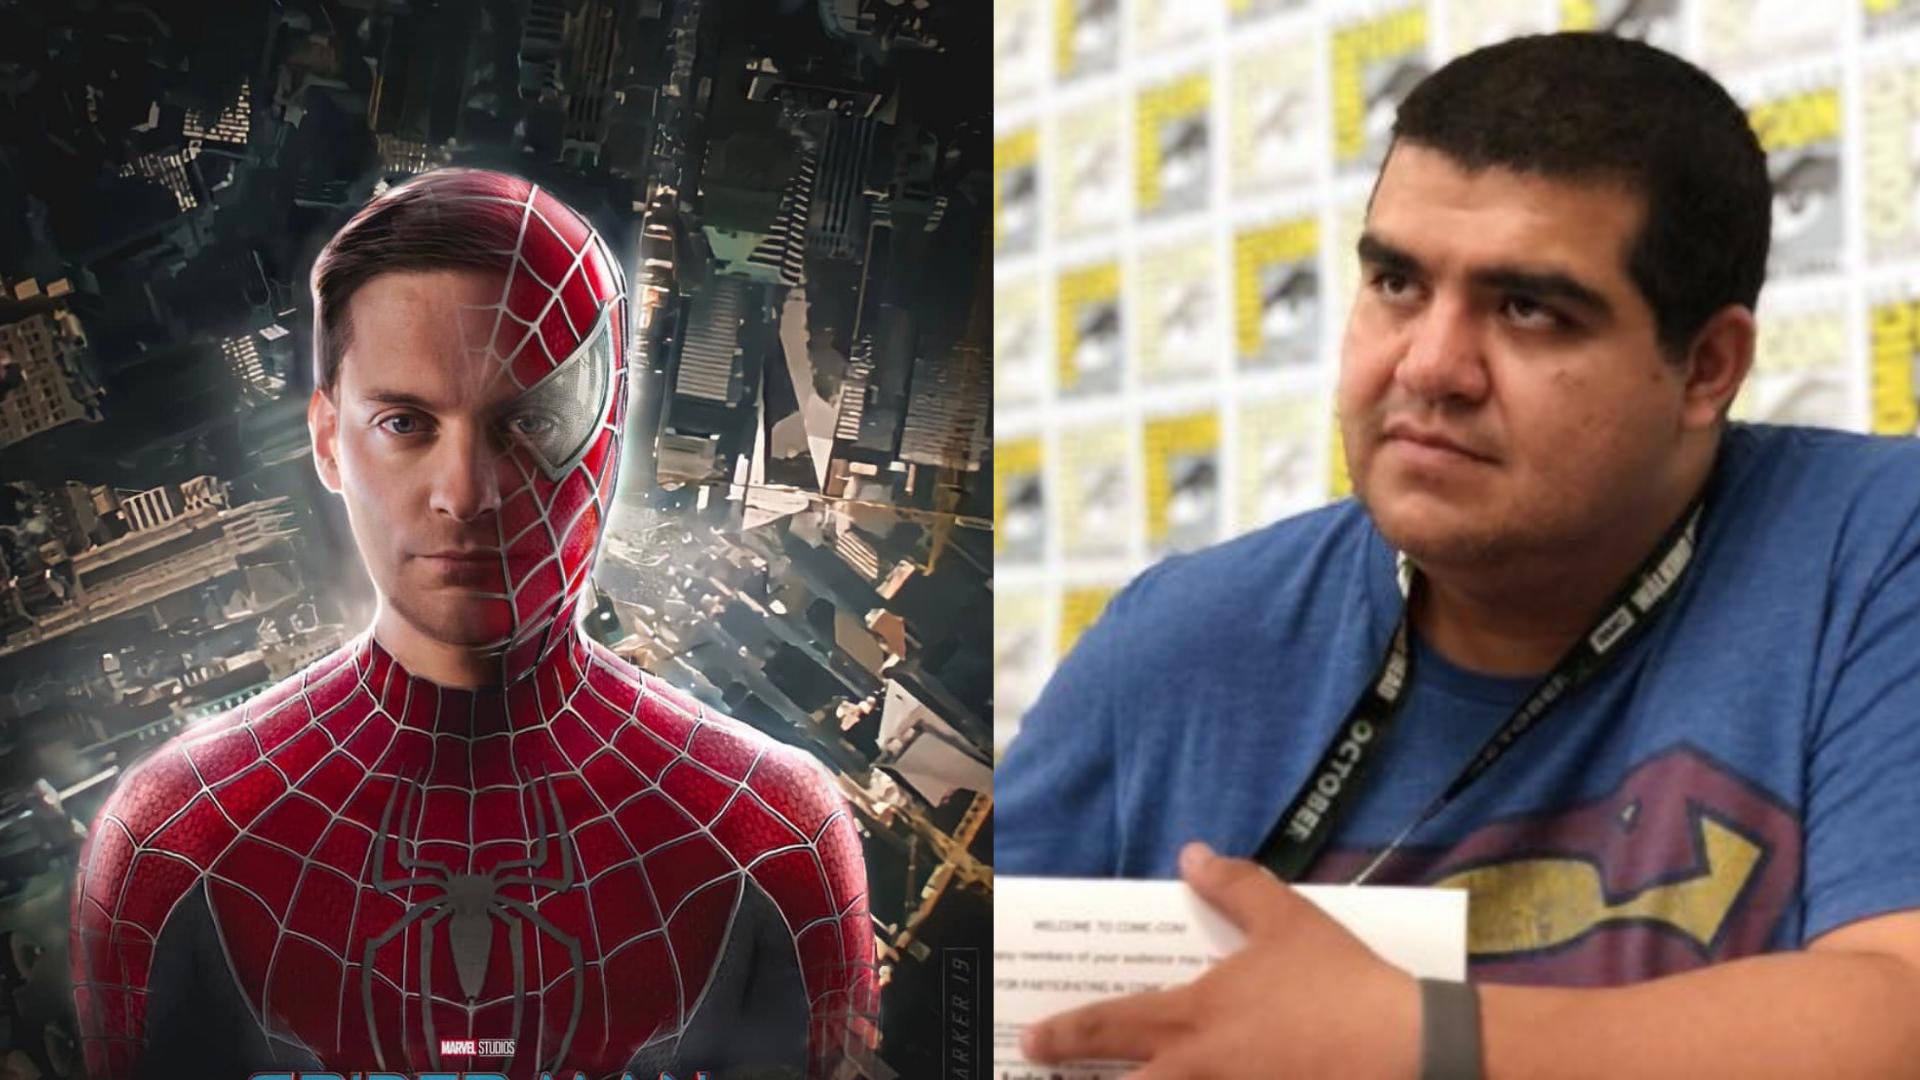 La voz de Spider-Man que no volverá